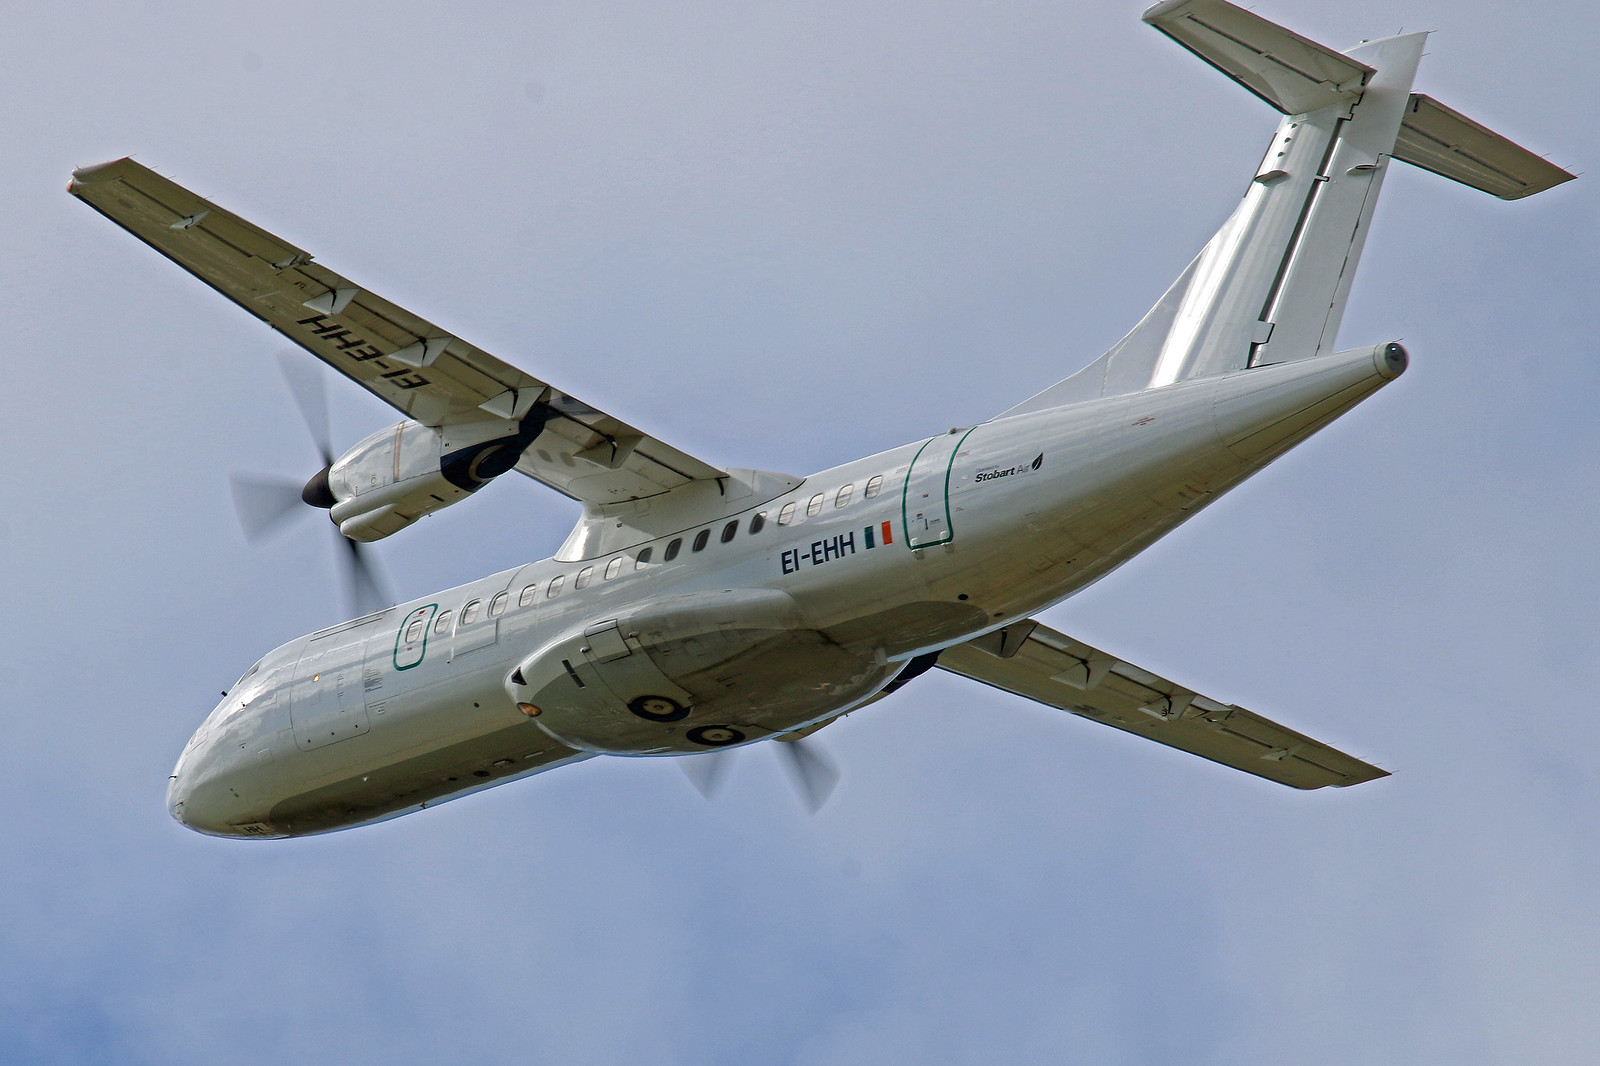 EI-EHH STOBART AIR ATR-42 NEWCASTLE AIRPORT